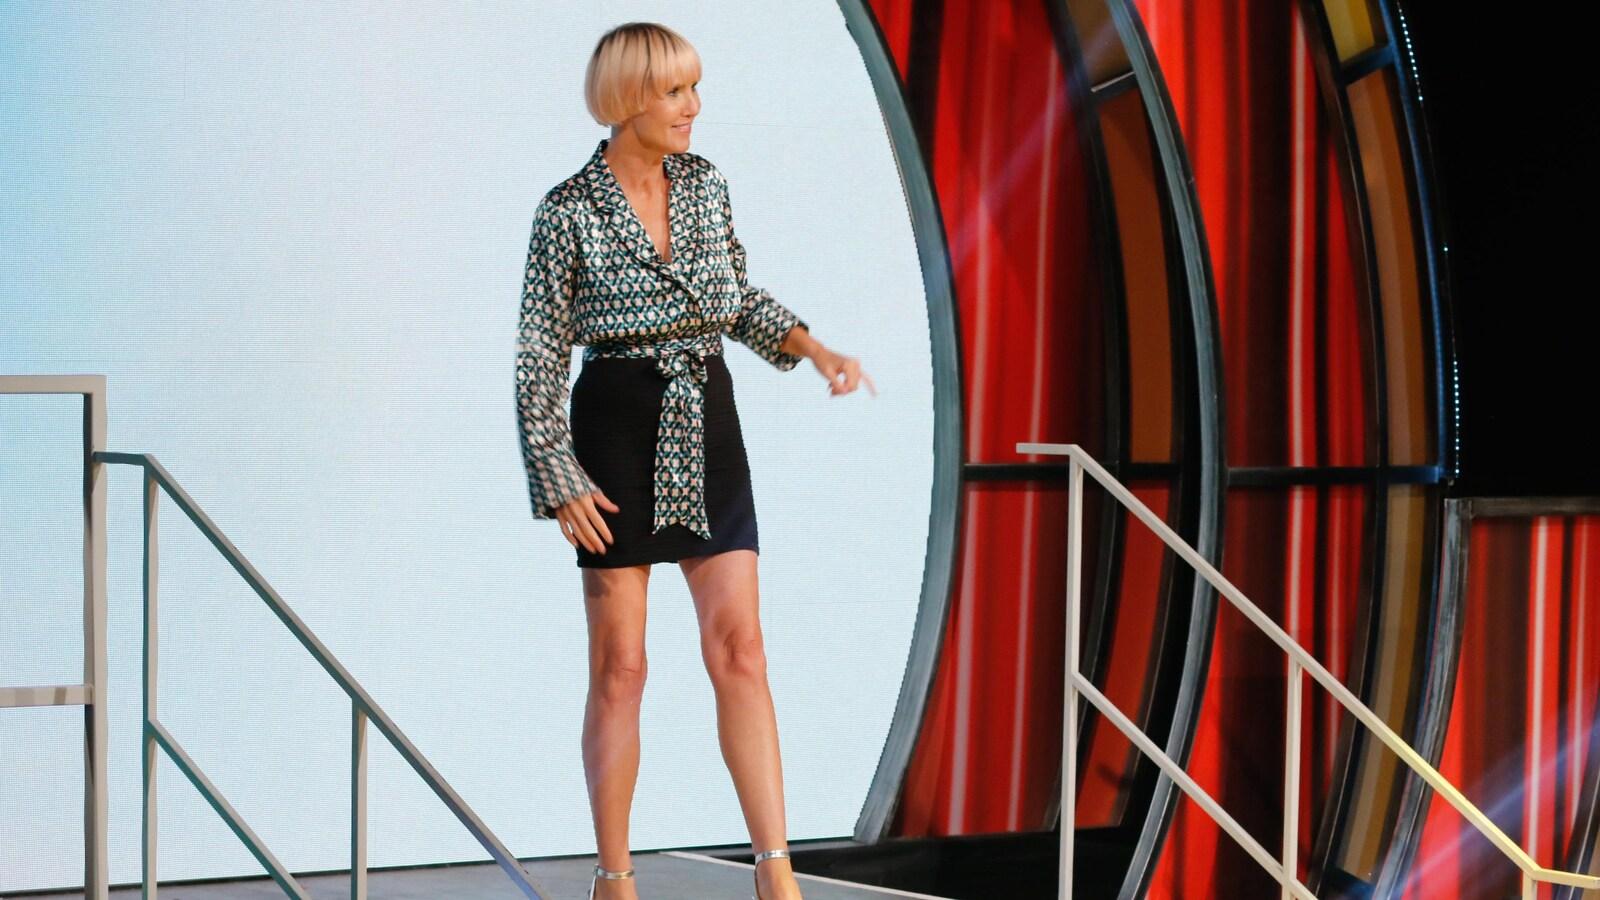 Pénélope porte une minijupe noire et une chemise à motifs et à manches longues.